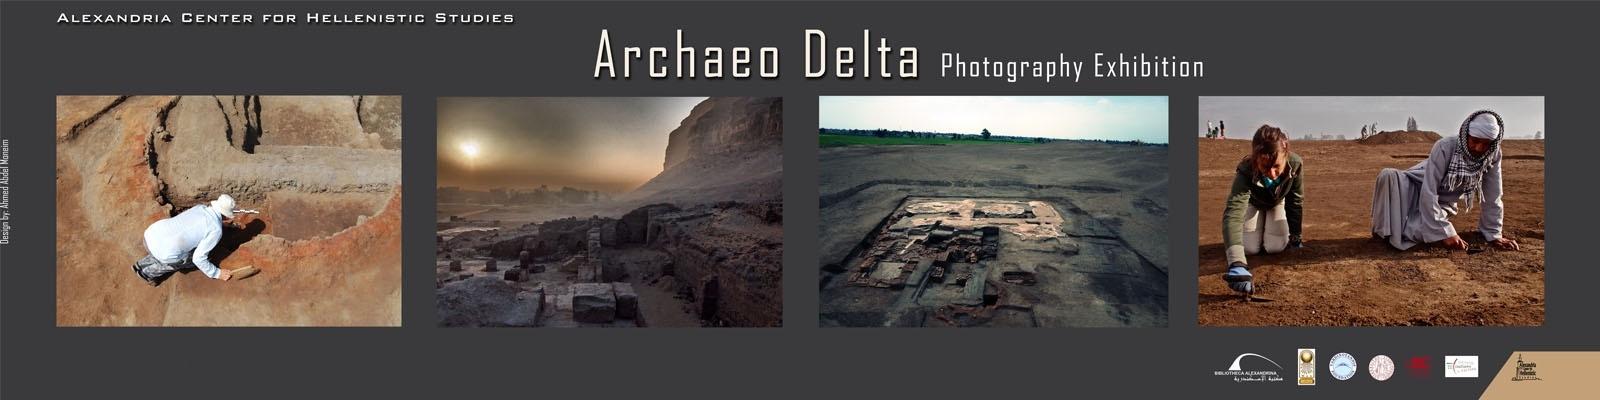 L'Archéologie du Delta : Exposition de photos